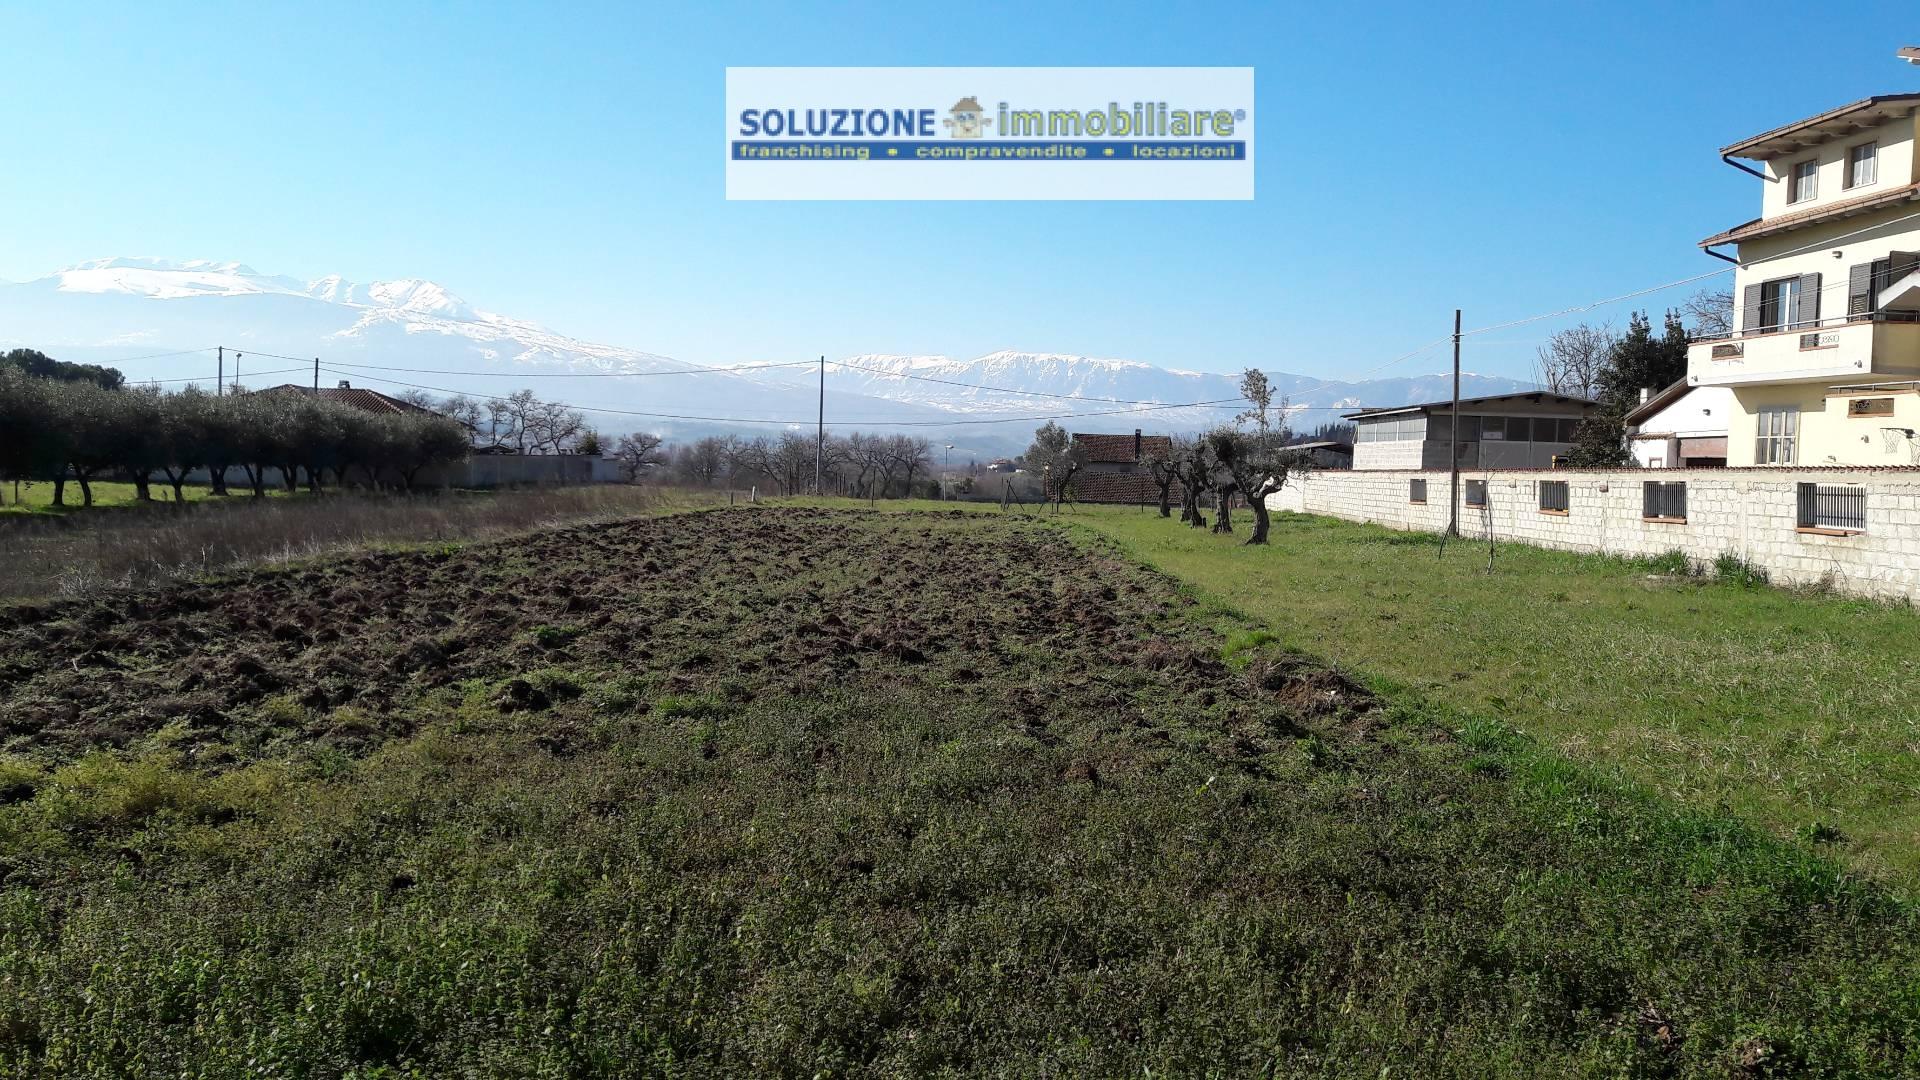 Terreno edificabile in vendita a cepagatti cod v 581 for Terreno edificabile